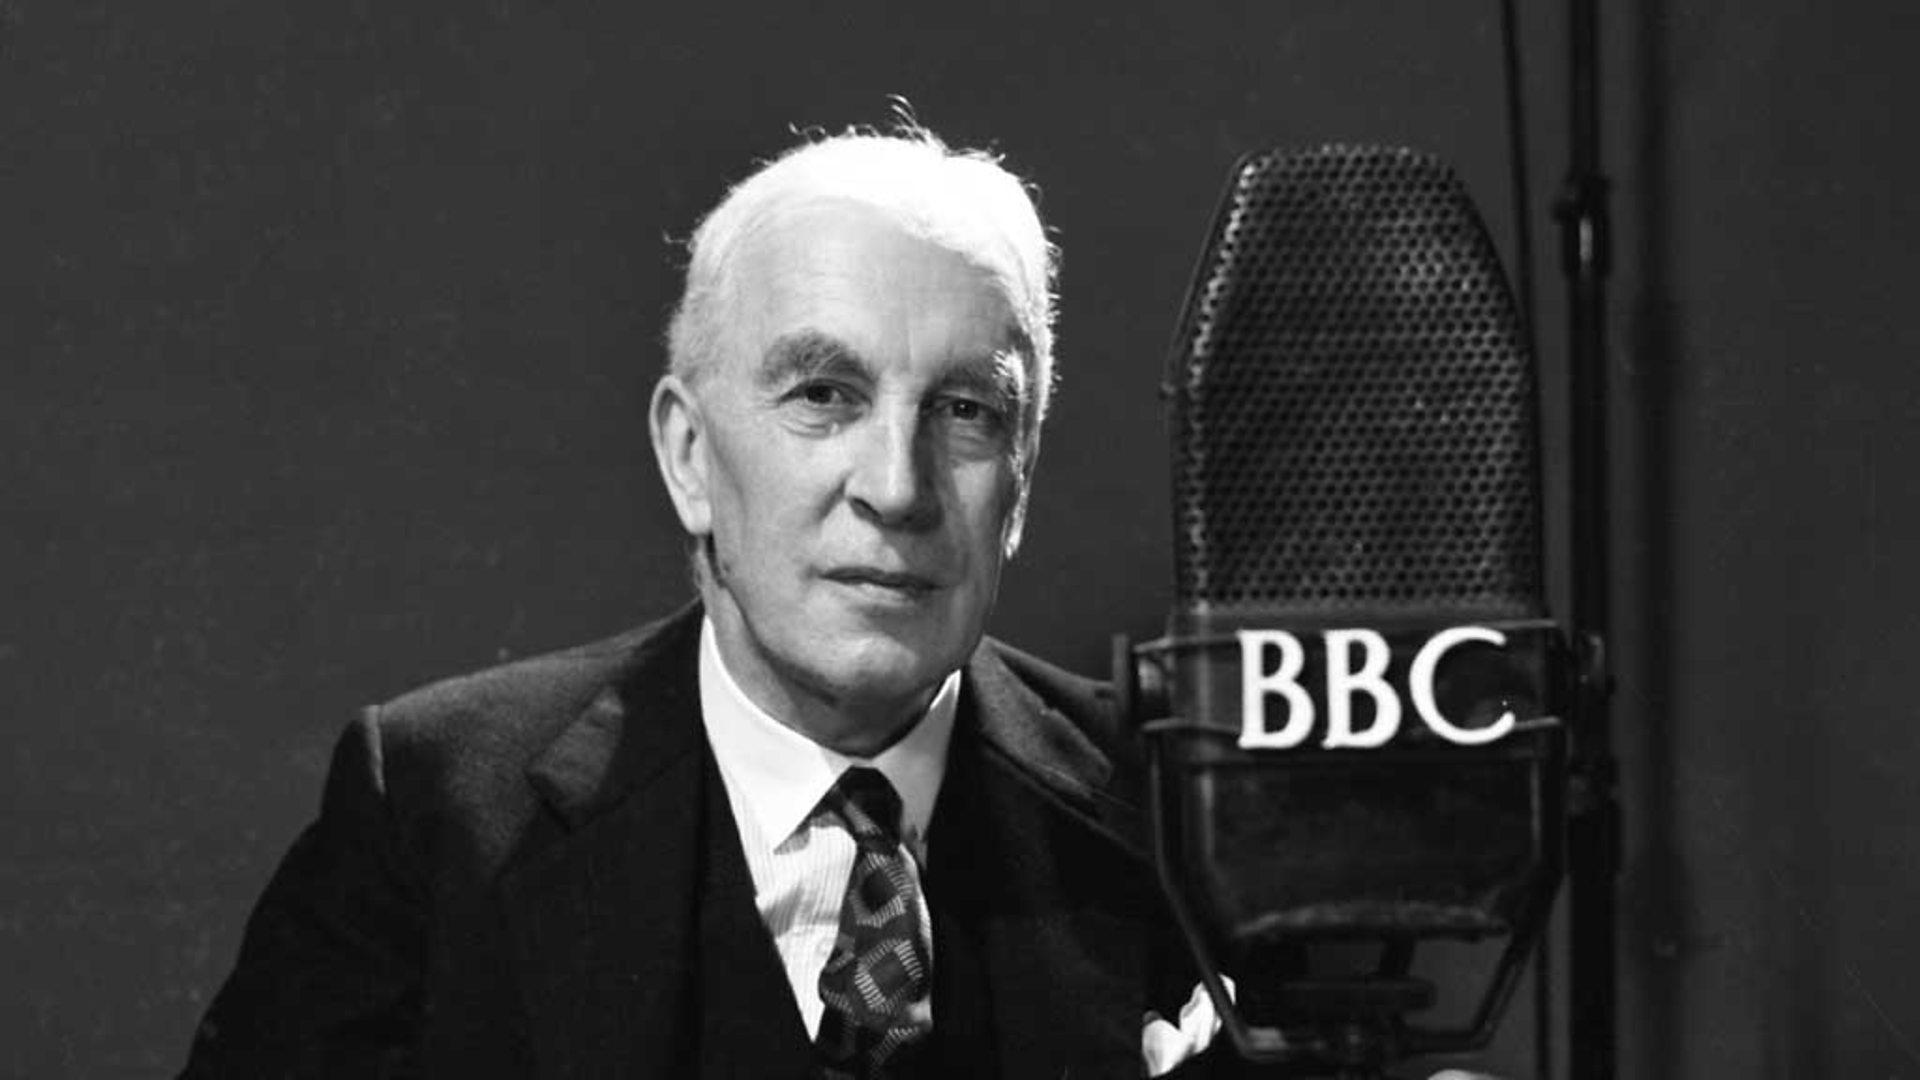 Арнольд Тойнби выступает по BBC. 1952